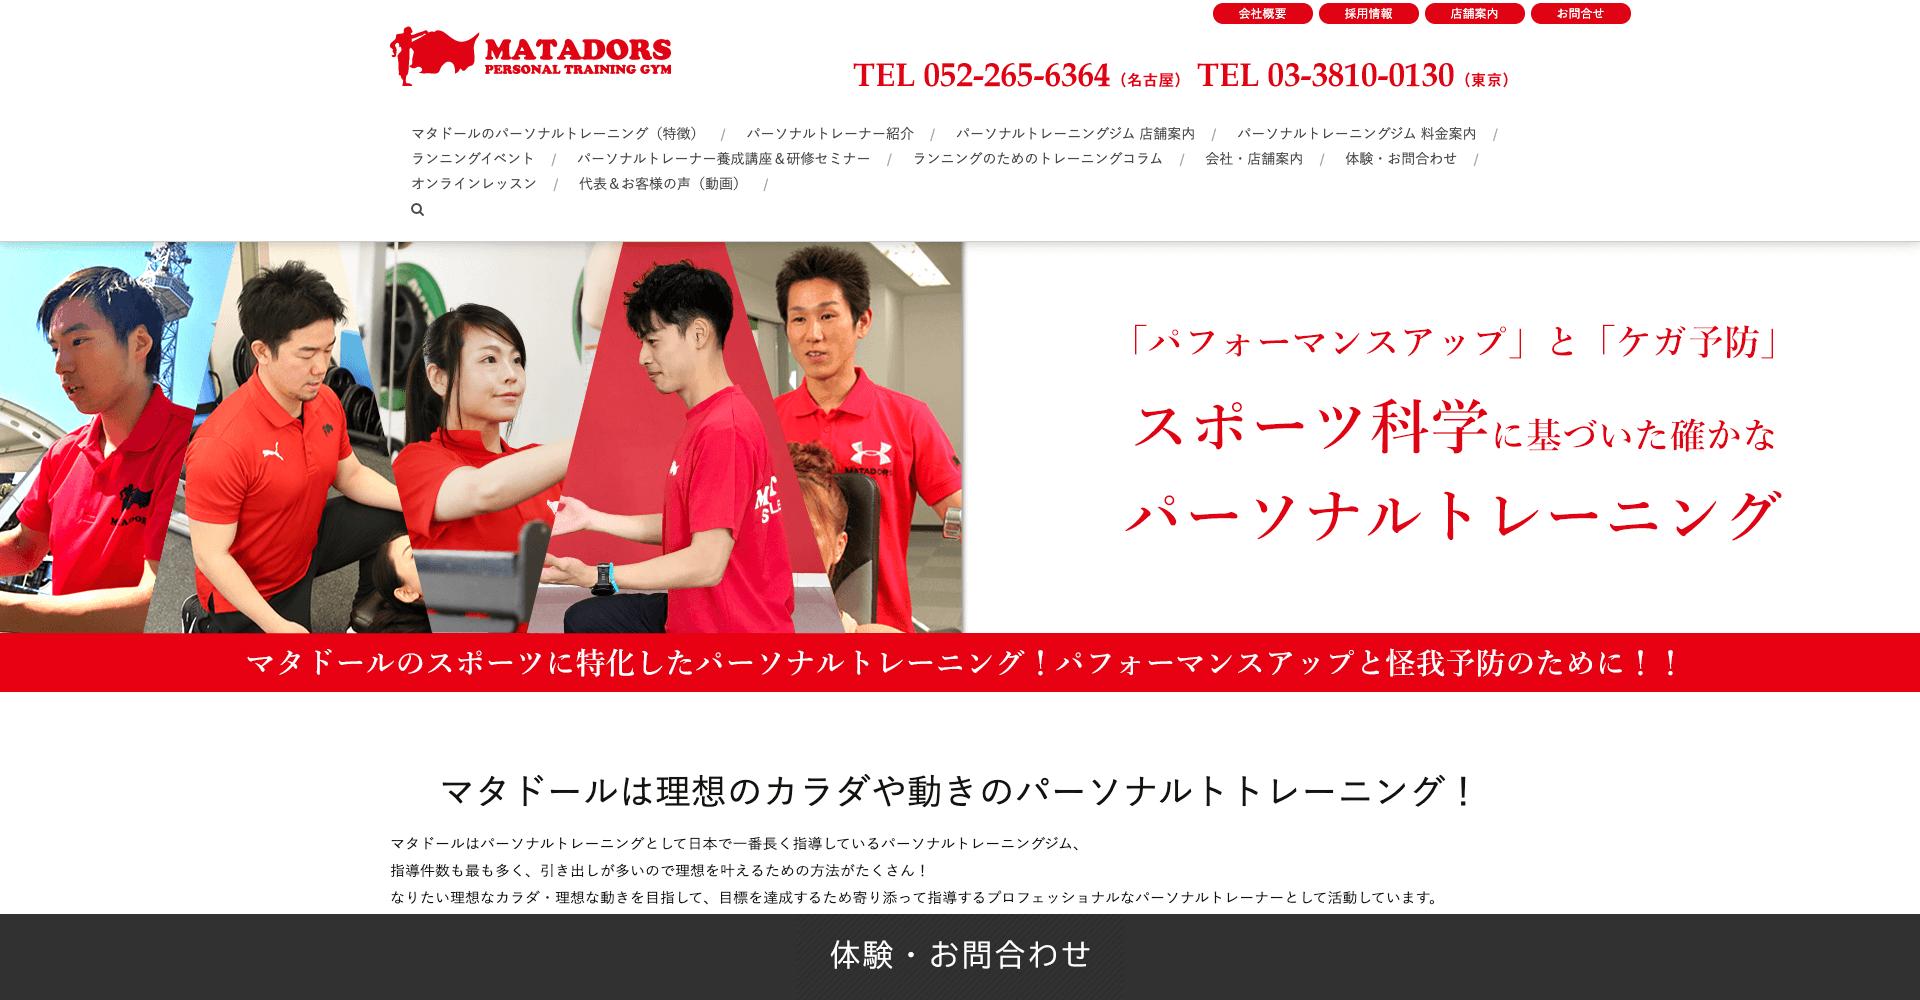 マタドール・パーソナルトレーニングジム東京田端